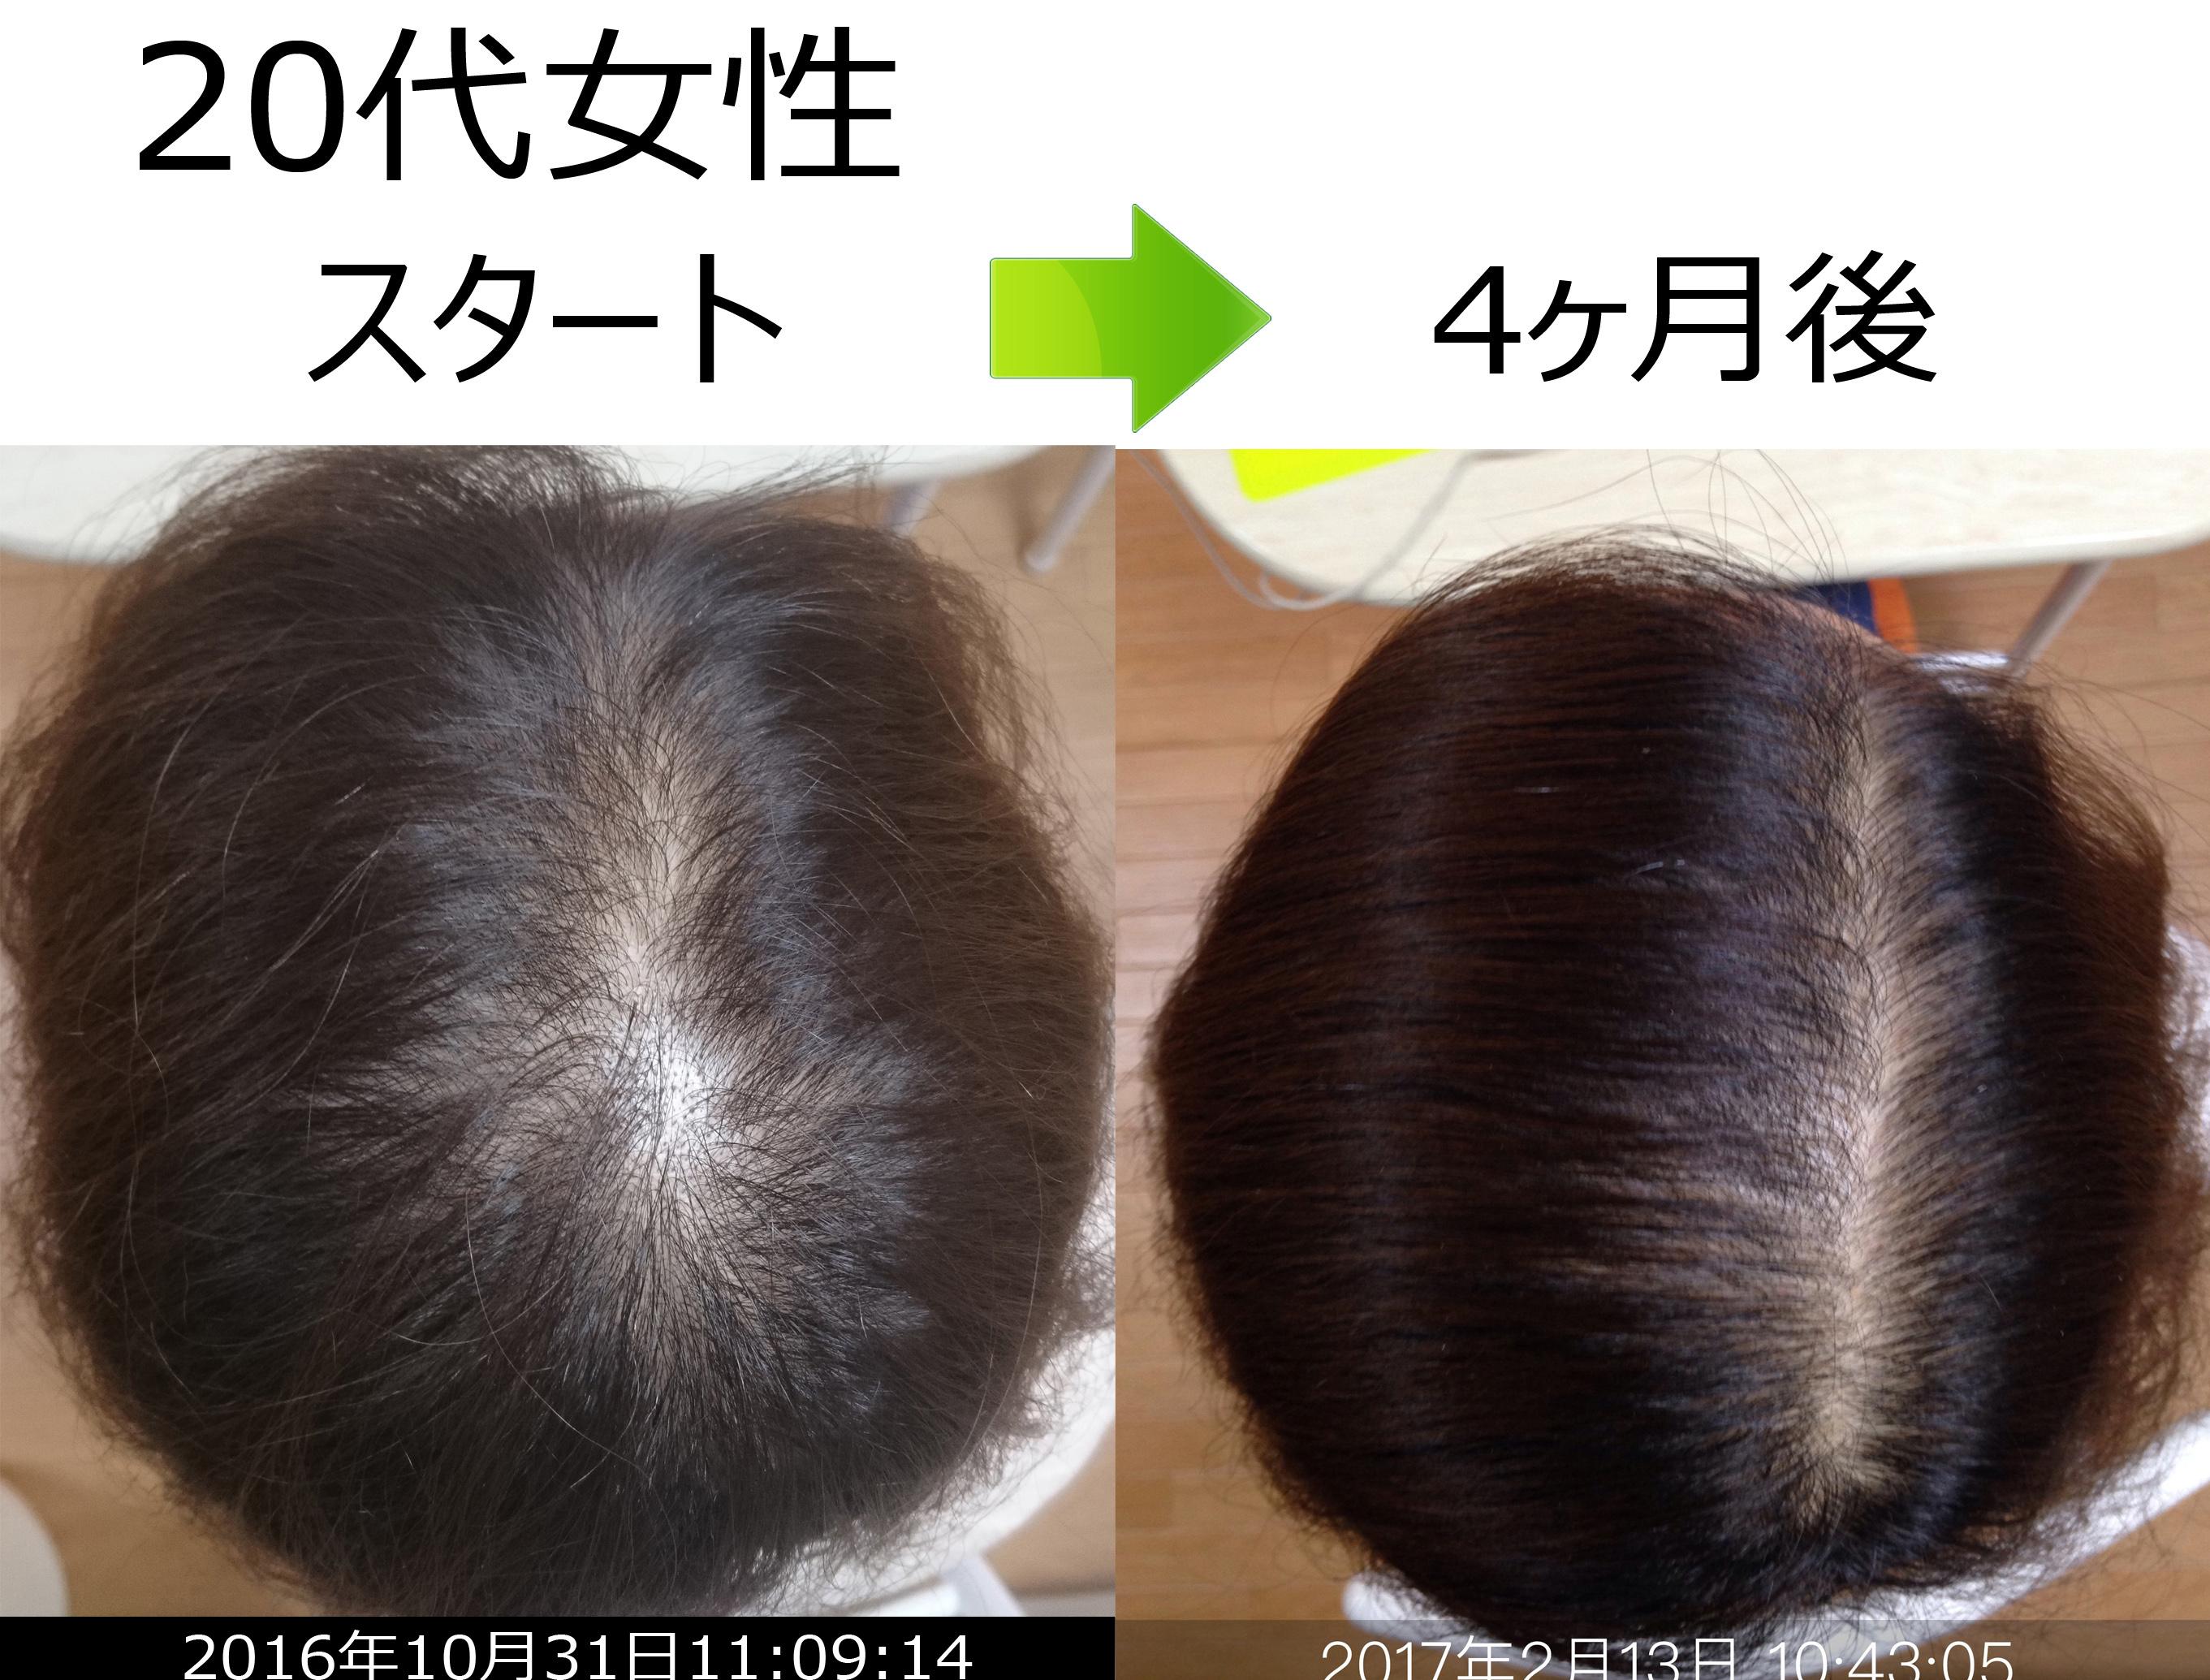 女性 症 円形 原因 脱毛